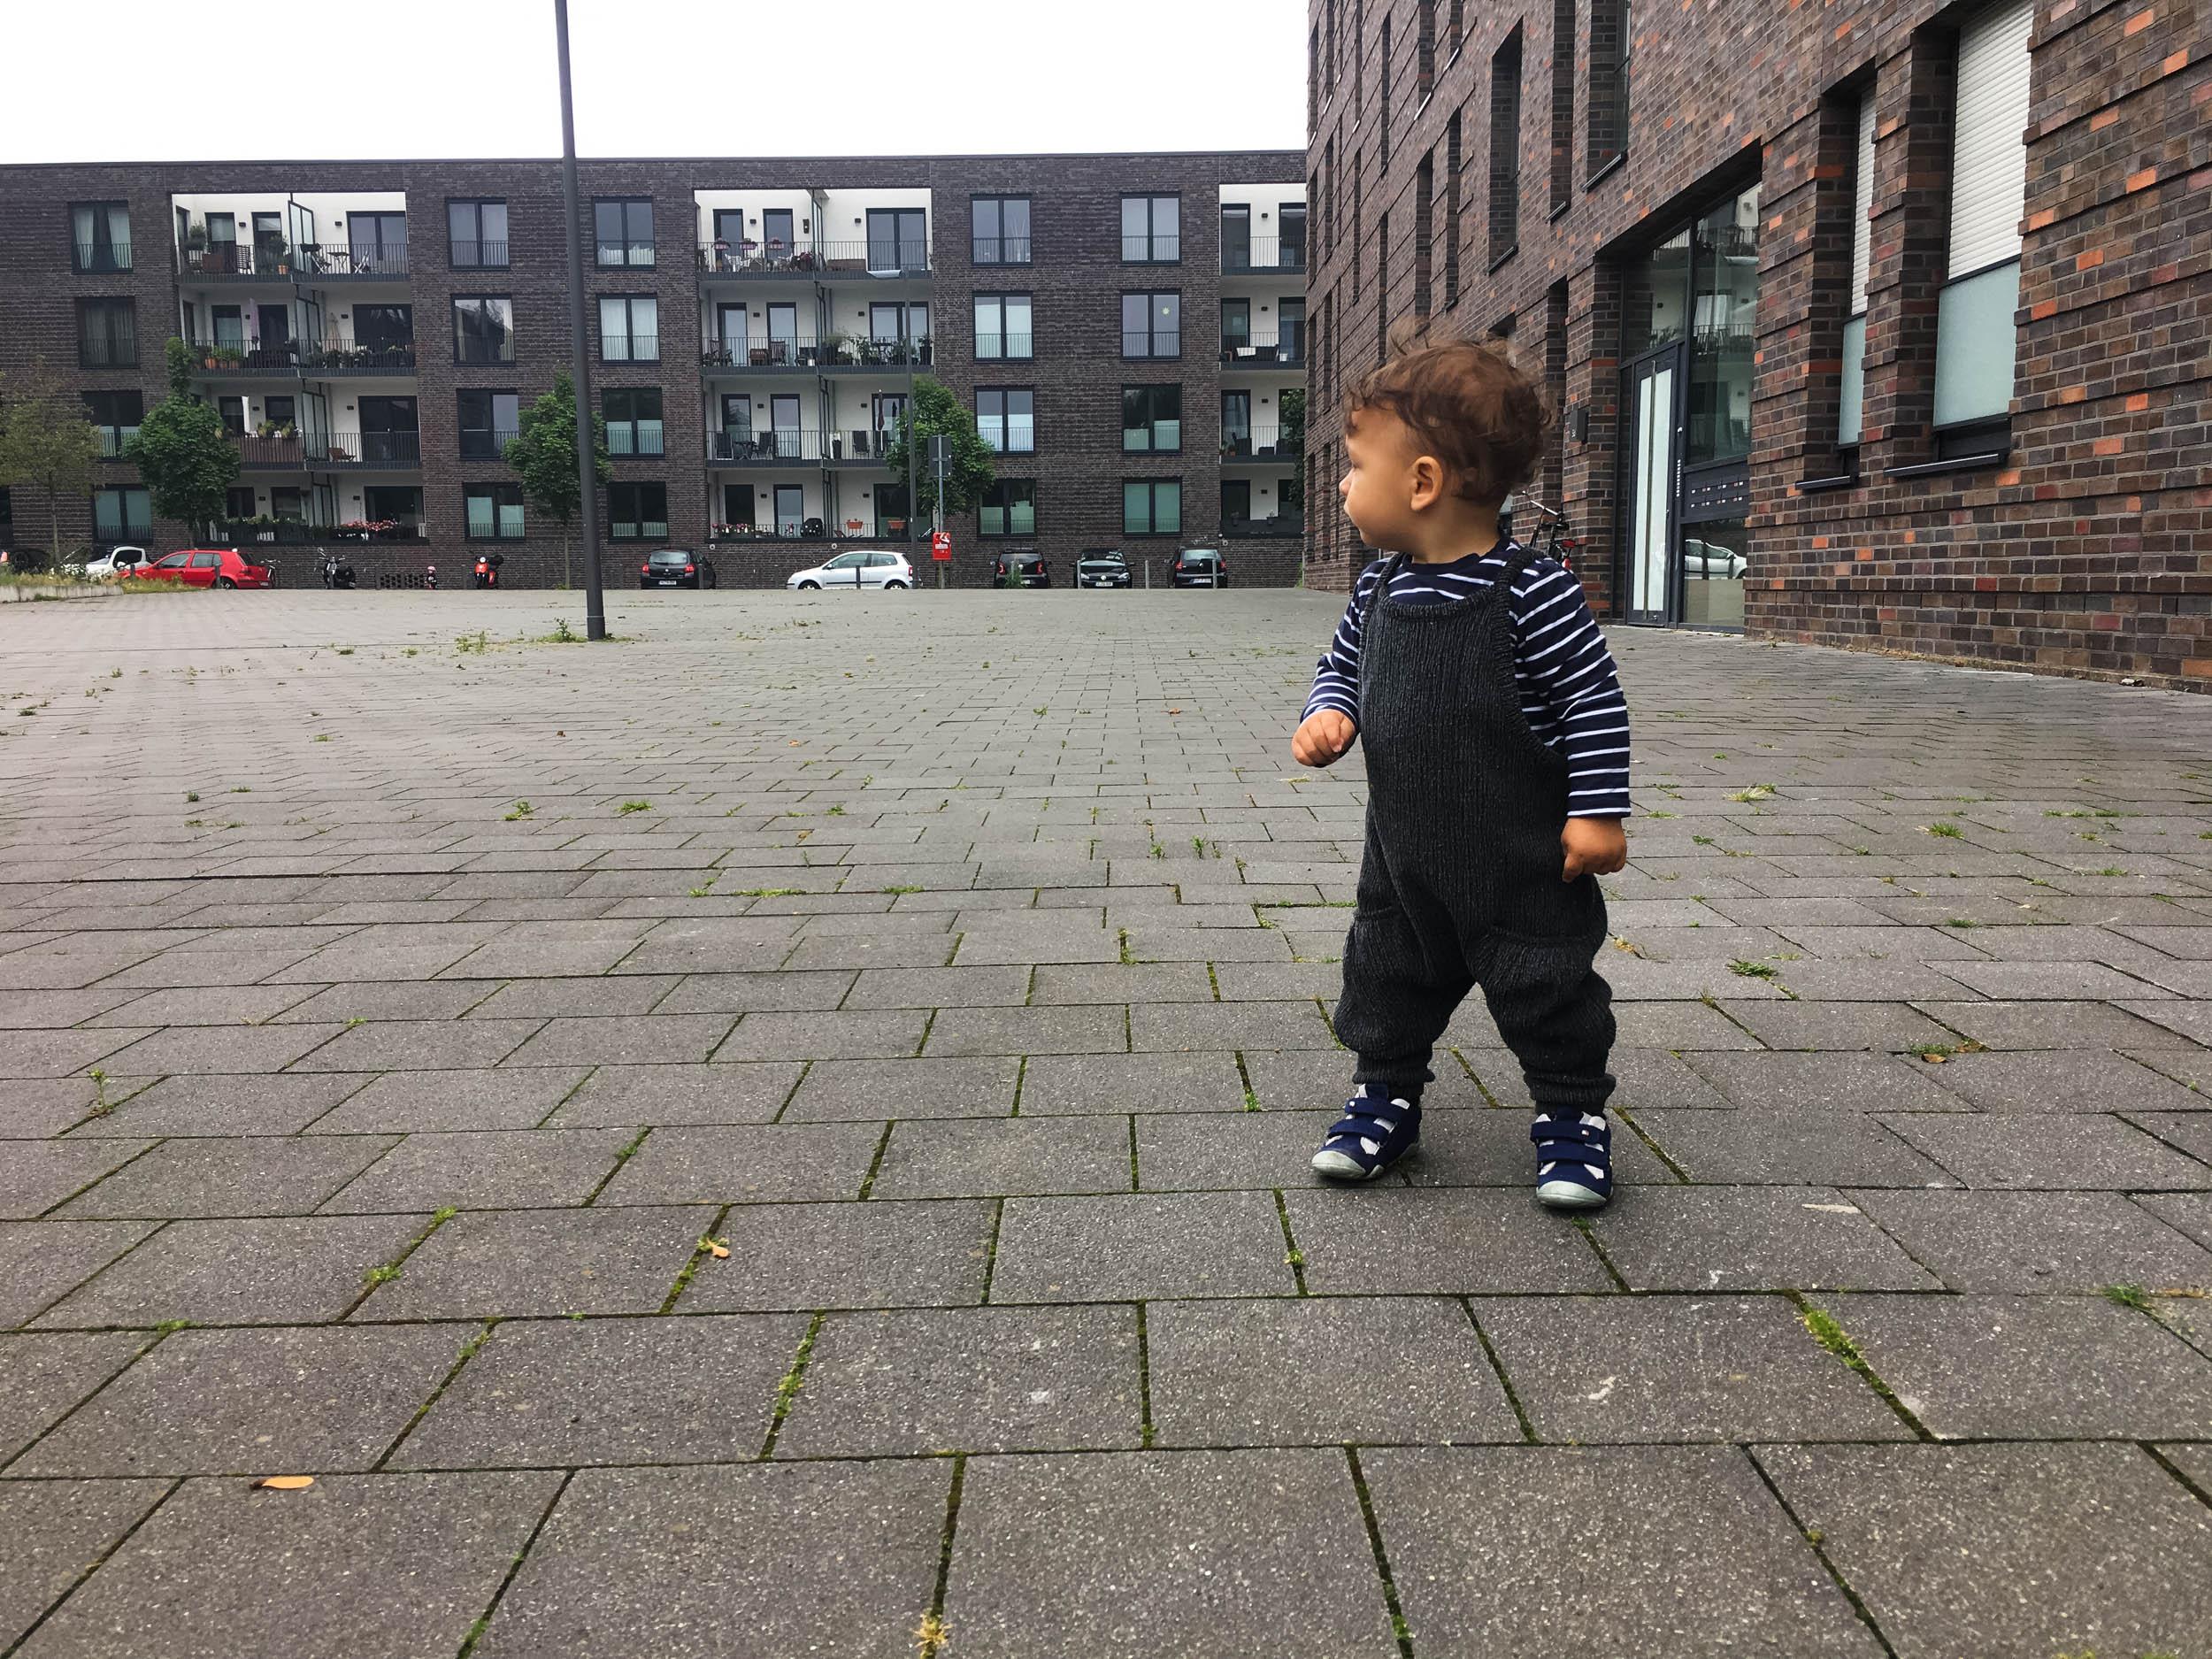 Wochenende in Bildern | Leben mit Kind | Alltag | Spaziergang | Laufanfänger | Kleinkind | ivy.li